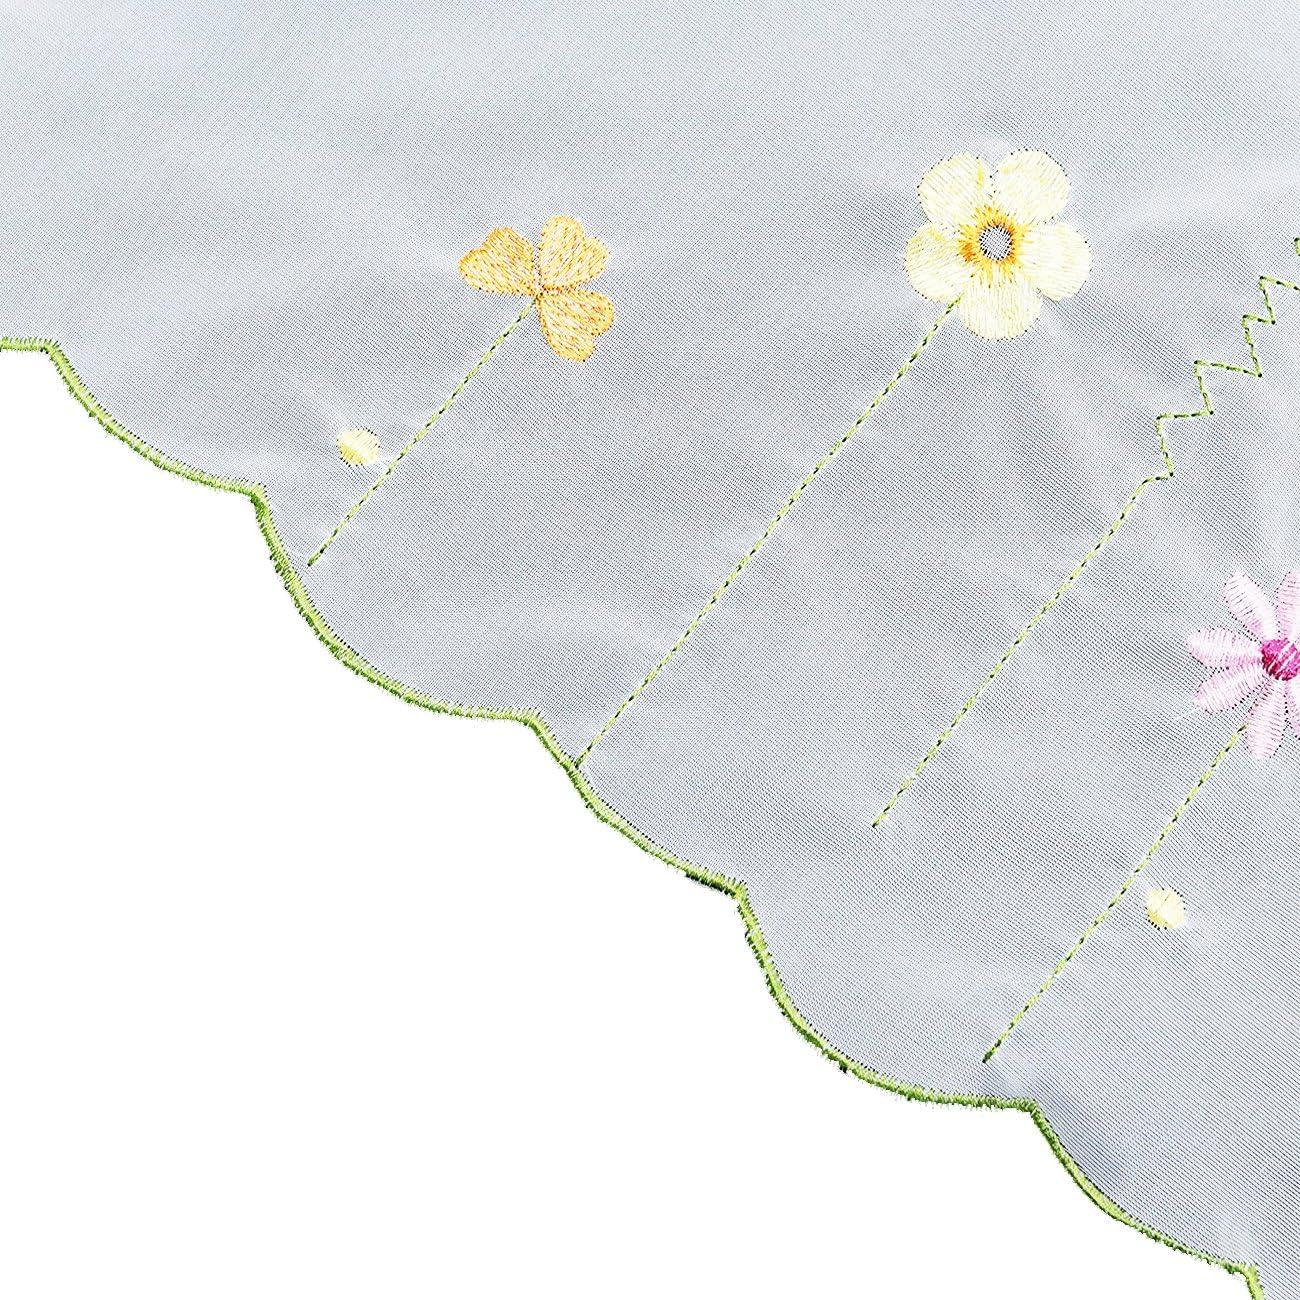 1Pc Rideau Voilage Brise-bise avec Broderie Rideaux Courts D/écoration de Fen/être Cuisine//Salle de Bain//Caf/é LxH 90x45cm, Style 018